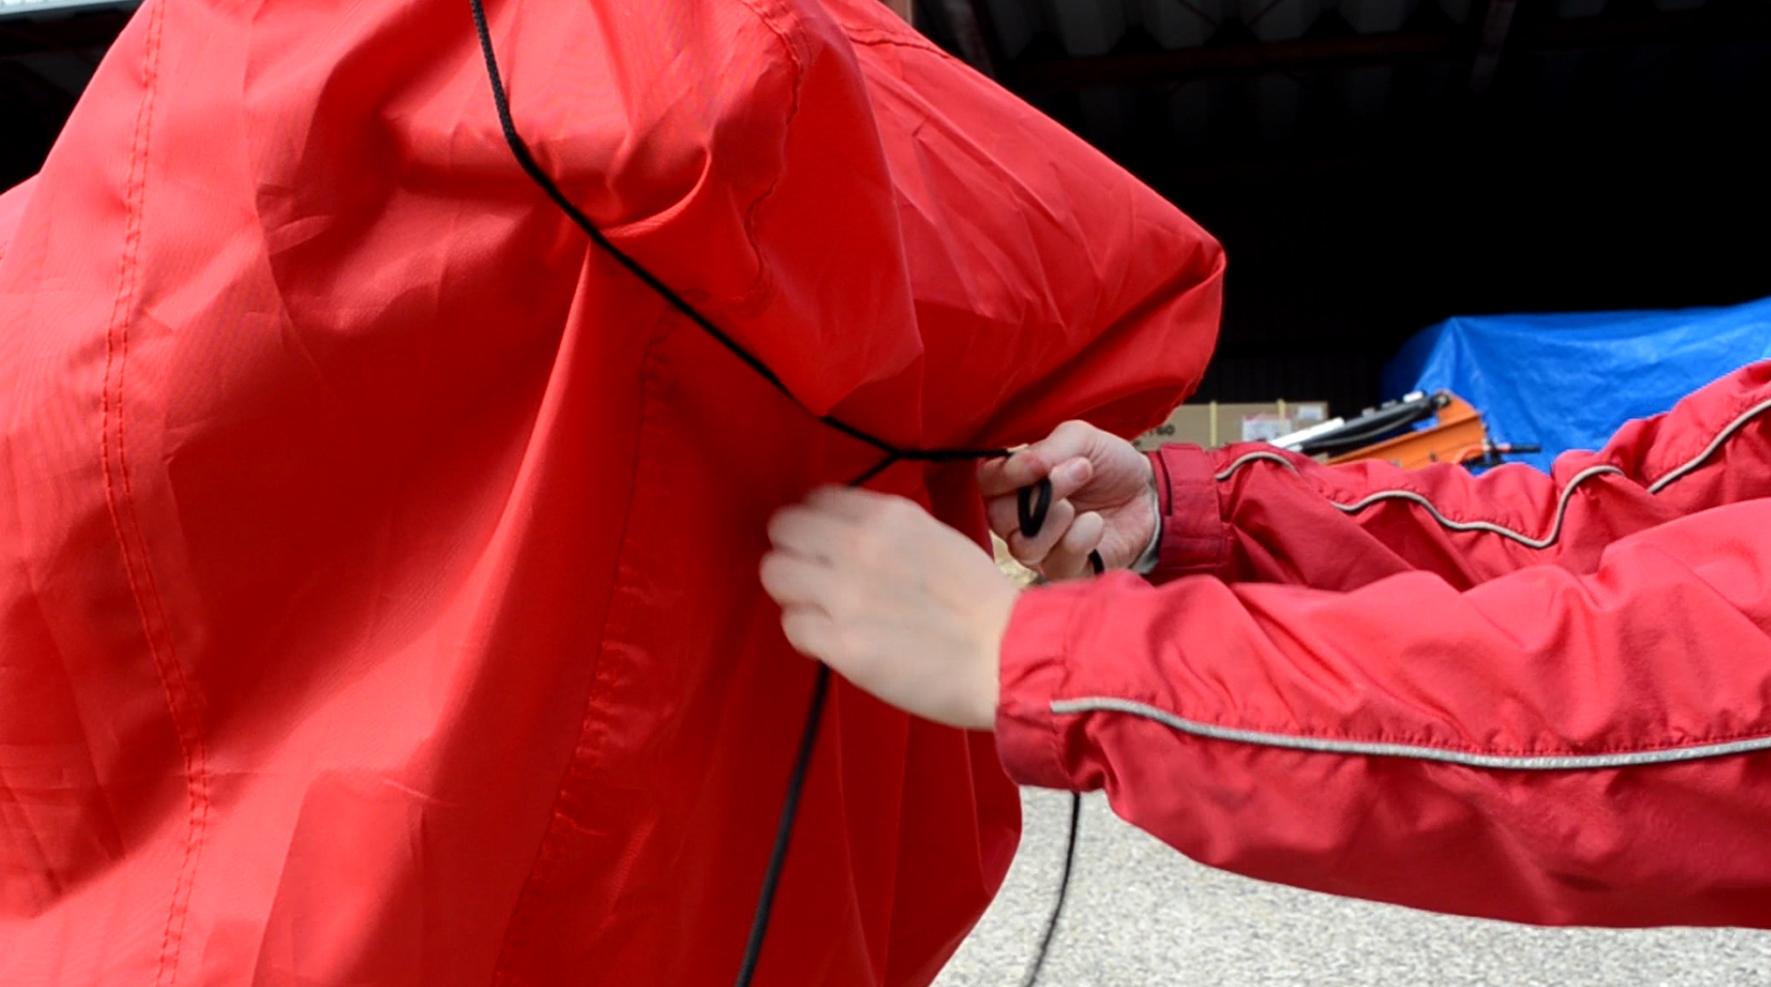 ハンドル部分の風飛防止のひもを結びます。